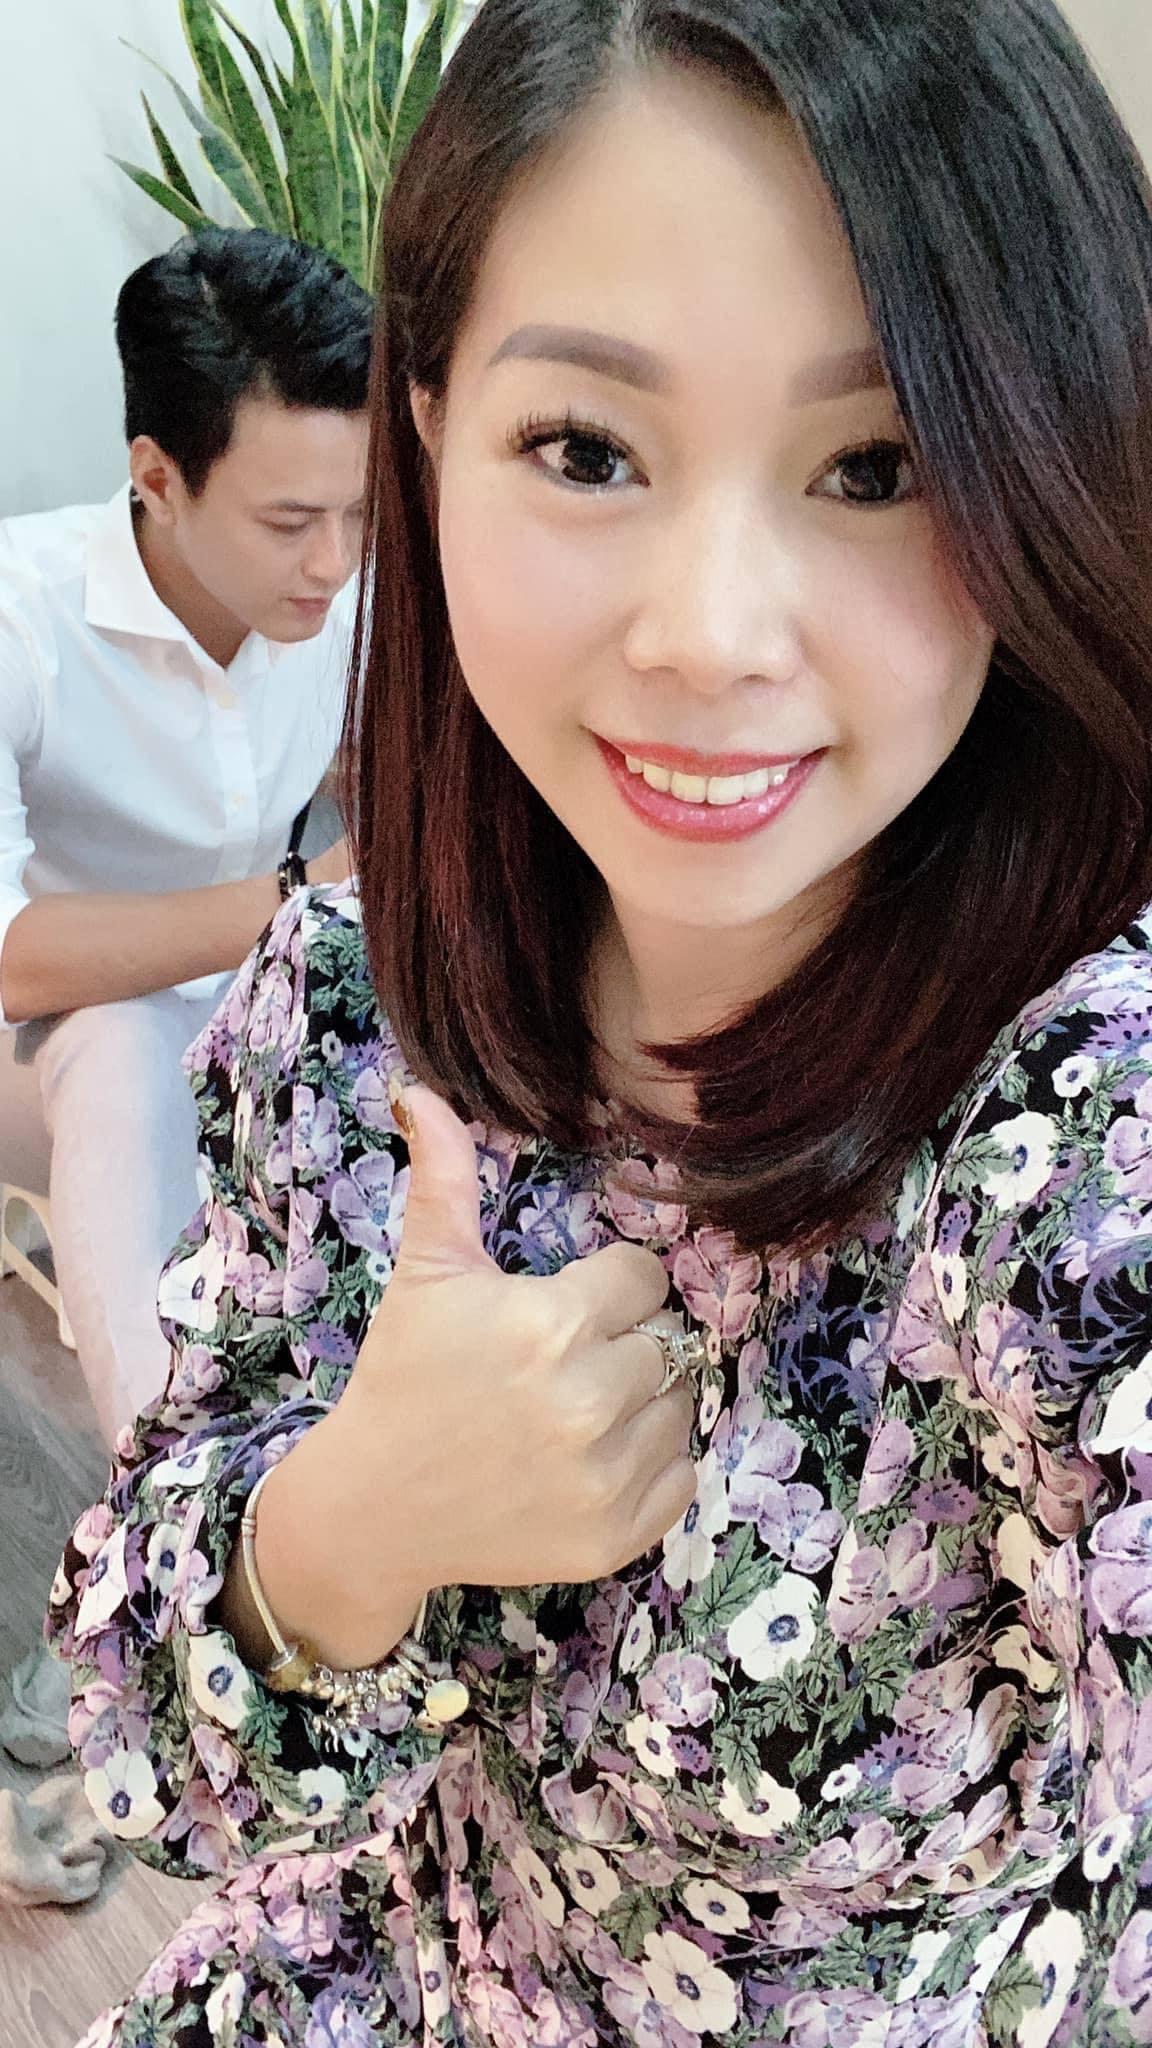 Chân dung vợ đảm của diễn viên Hồng Đăng